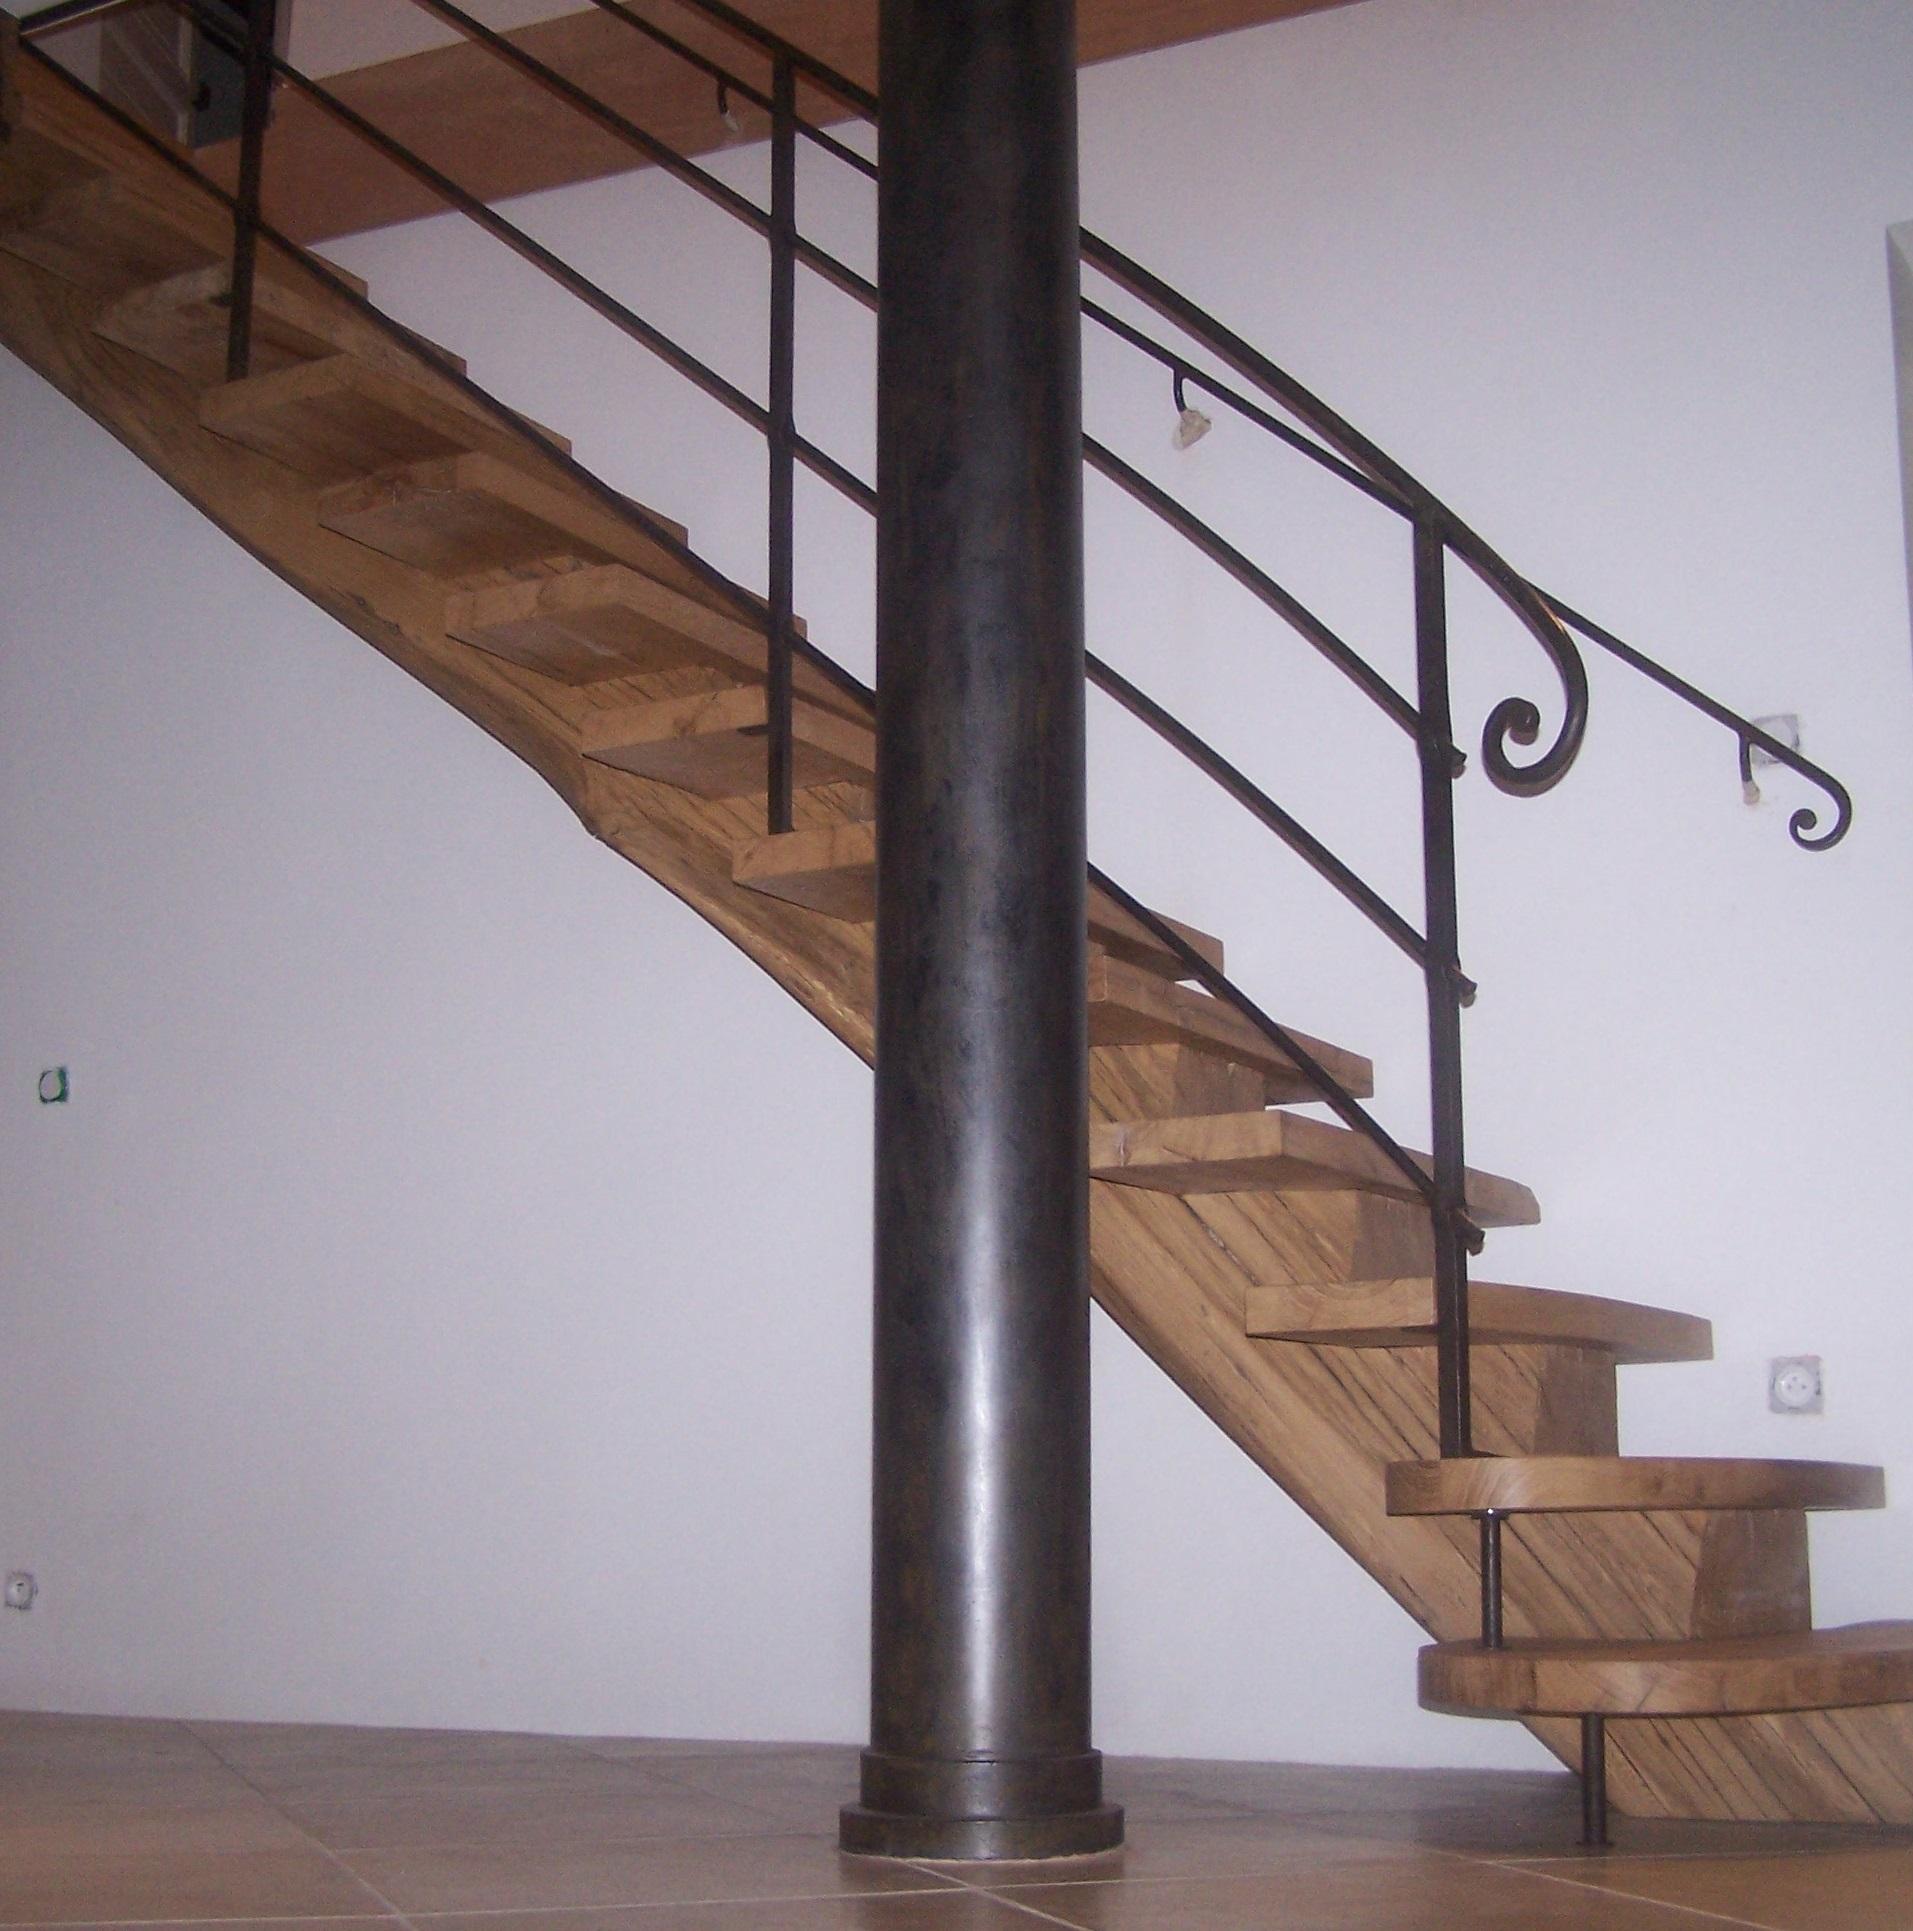 Rampe de type ancien sur escalier bois moderne